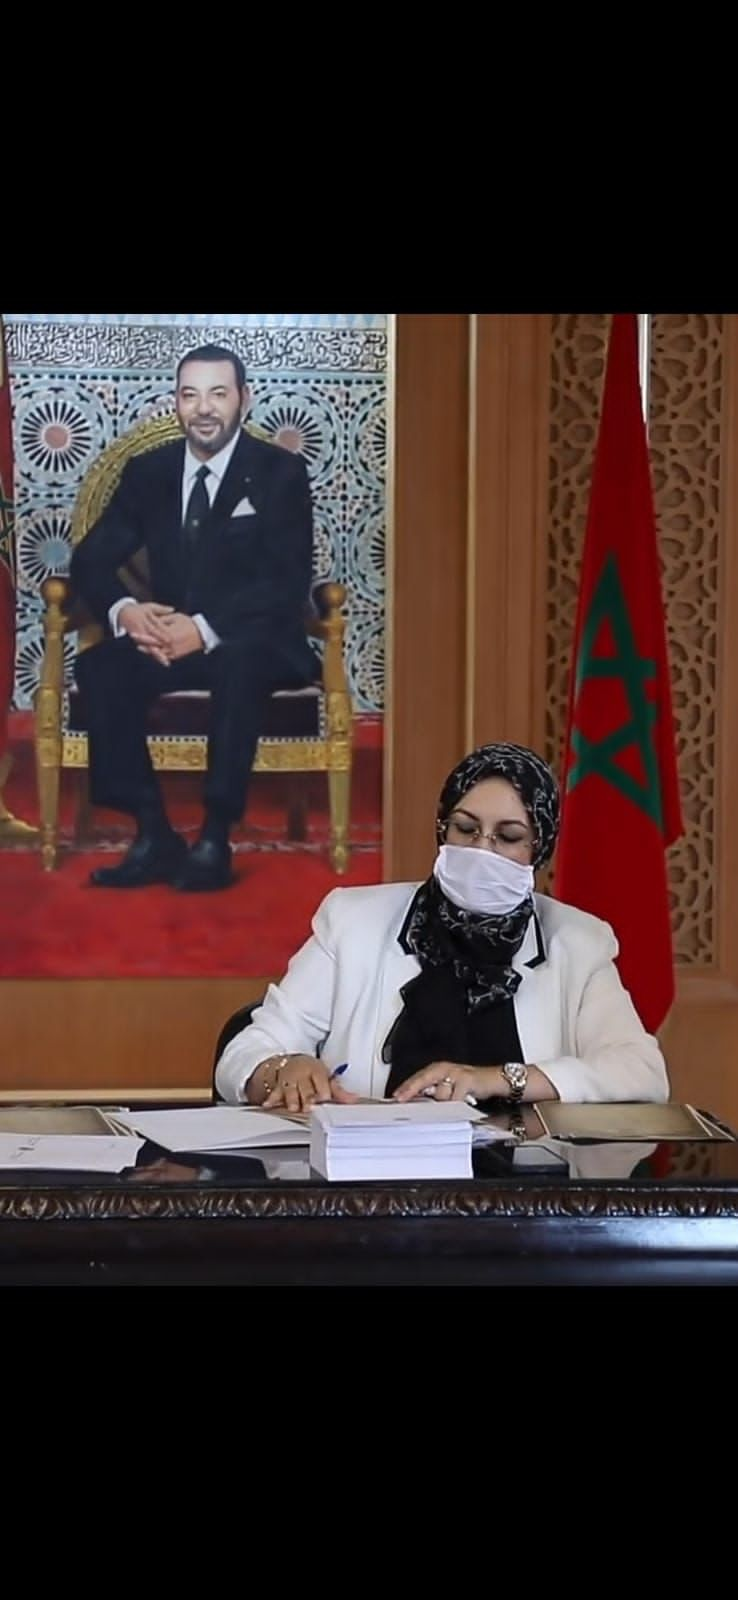 سيرة قاضية متميزة السيدة الرئيسة أمينة المالكي